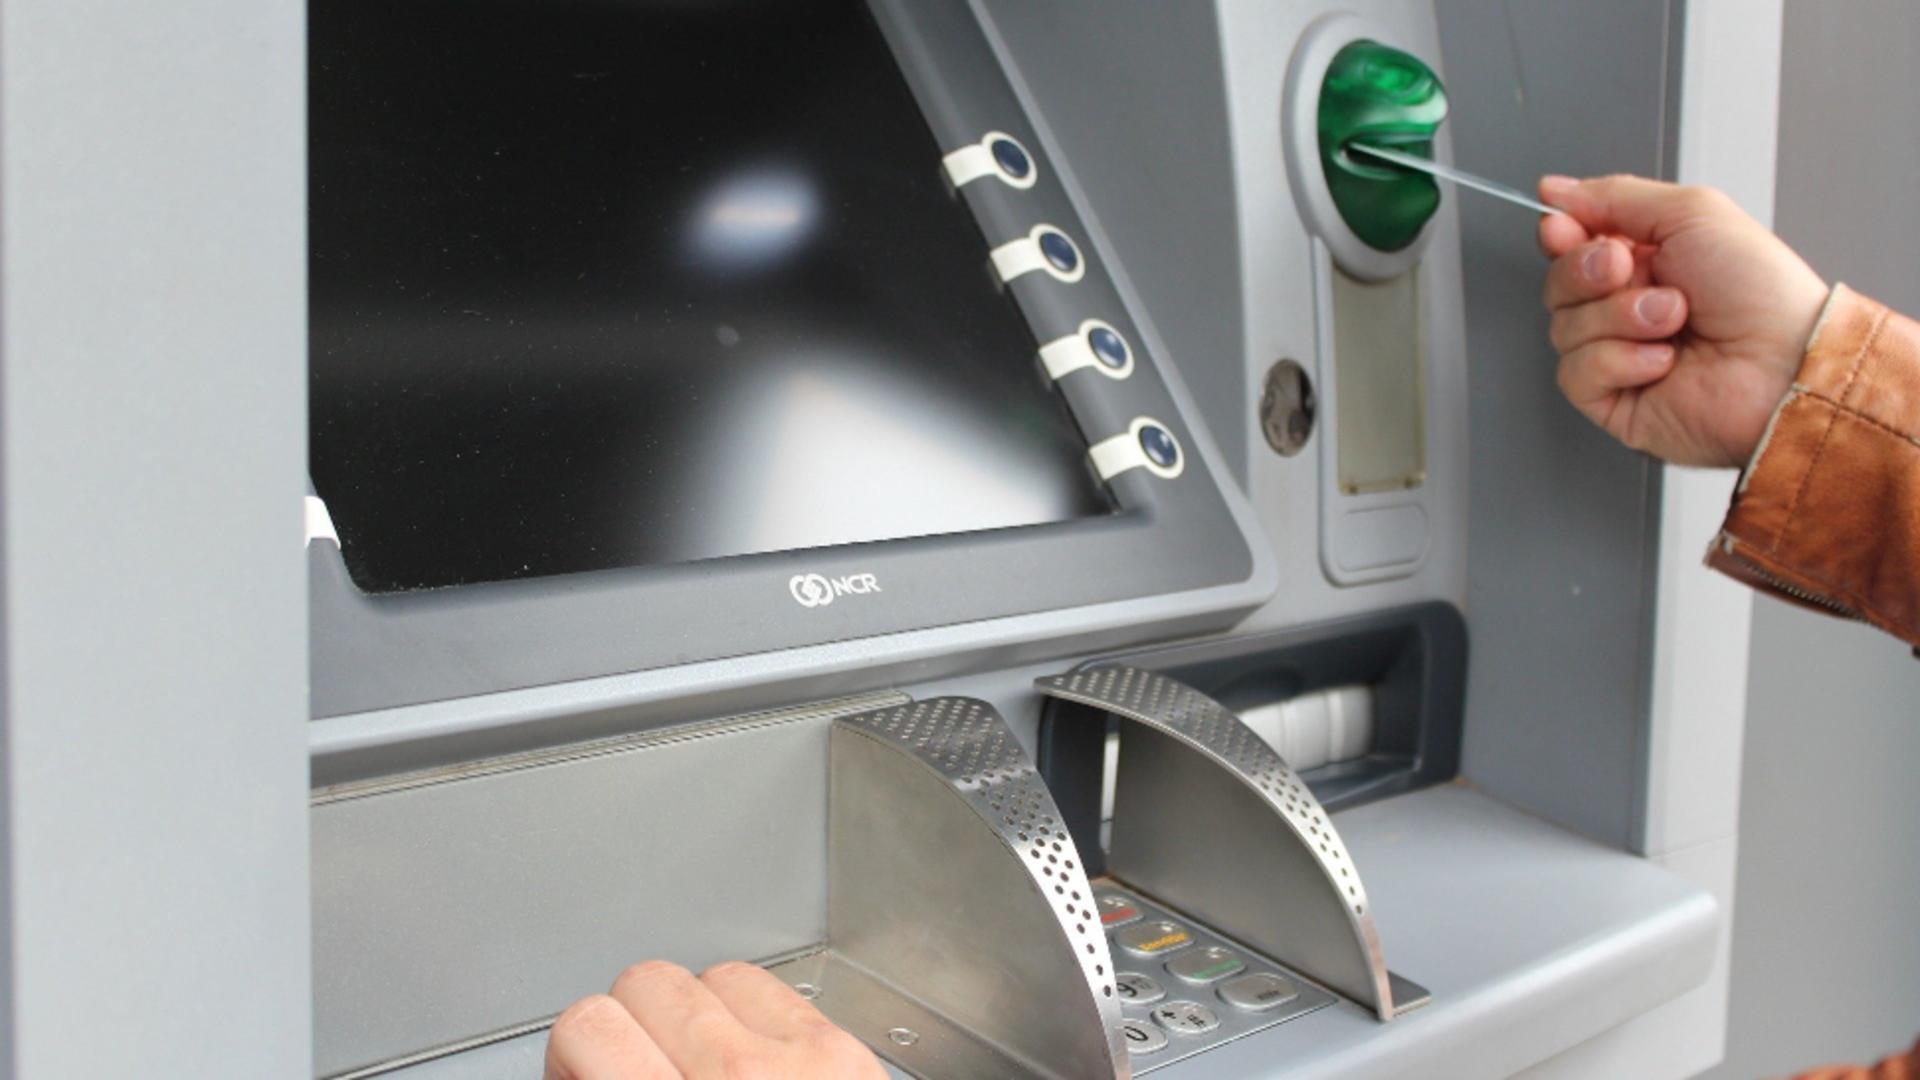 """Metoda """"Furculița"""", noua tehnică de furt din bancomat. Sursa foto: Pixabay"""